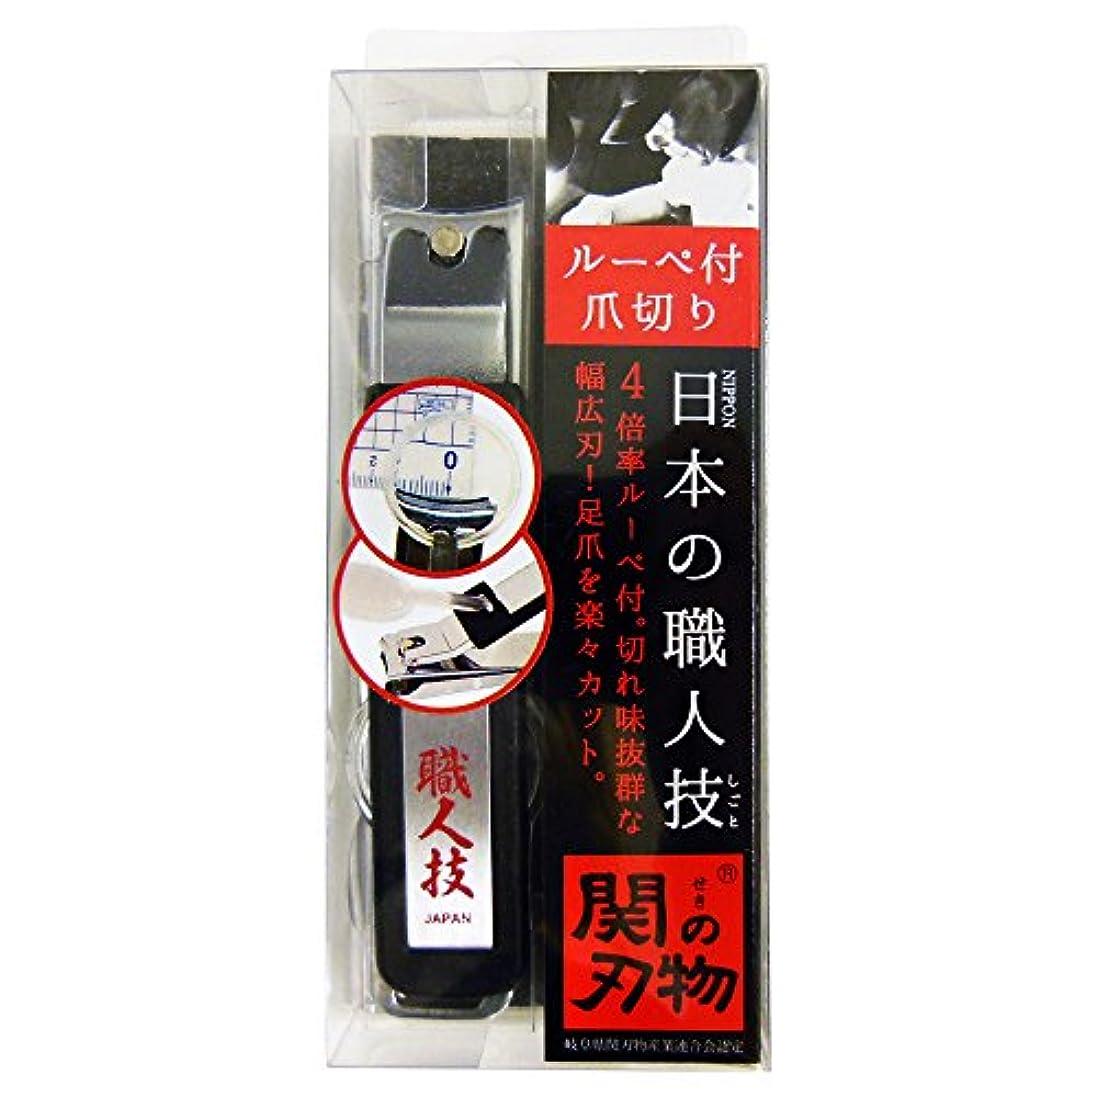 廊下テメリティ普遍的な関の刃物 ルーペ付爪切り SK-07 (1個入)